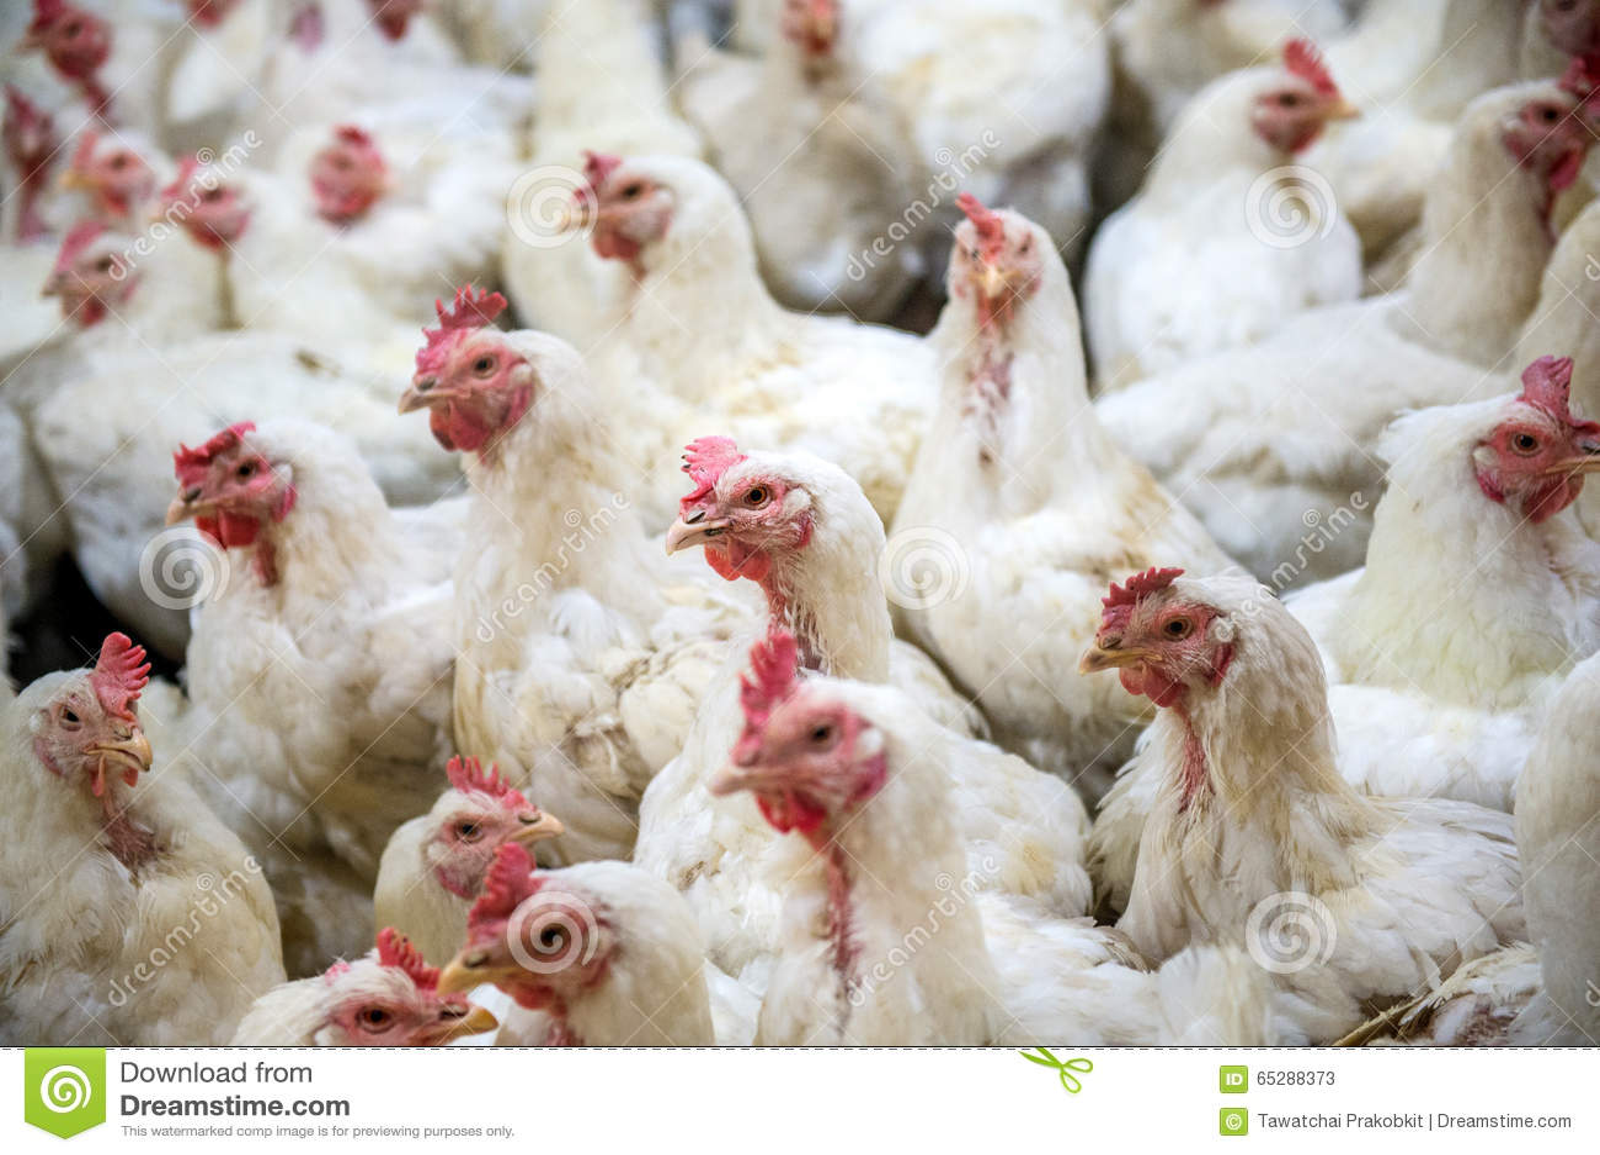 Poulet malade ou poulet triste dans la ferme, épidémie, grippe aviaire